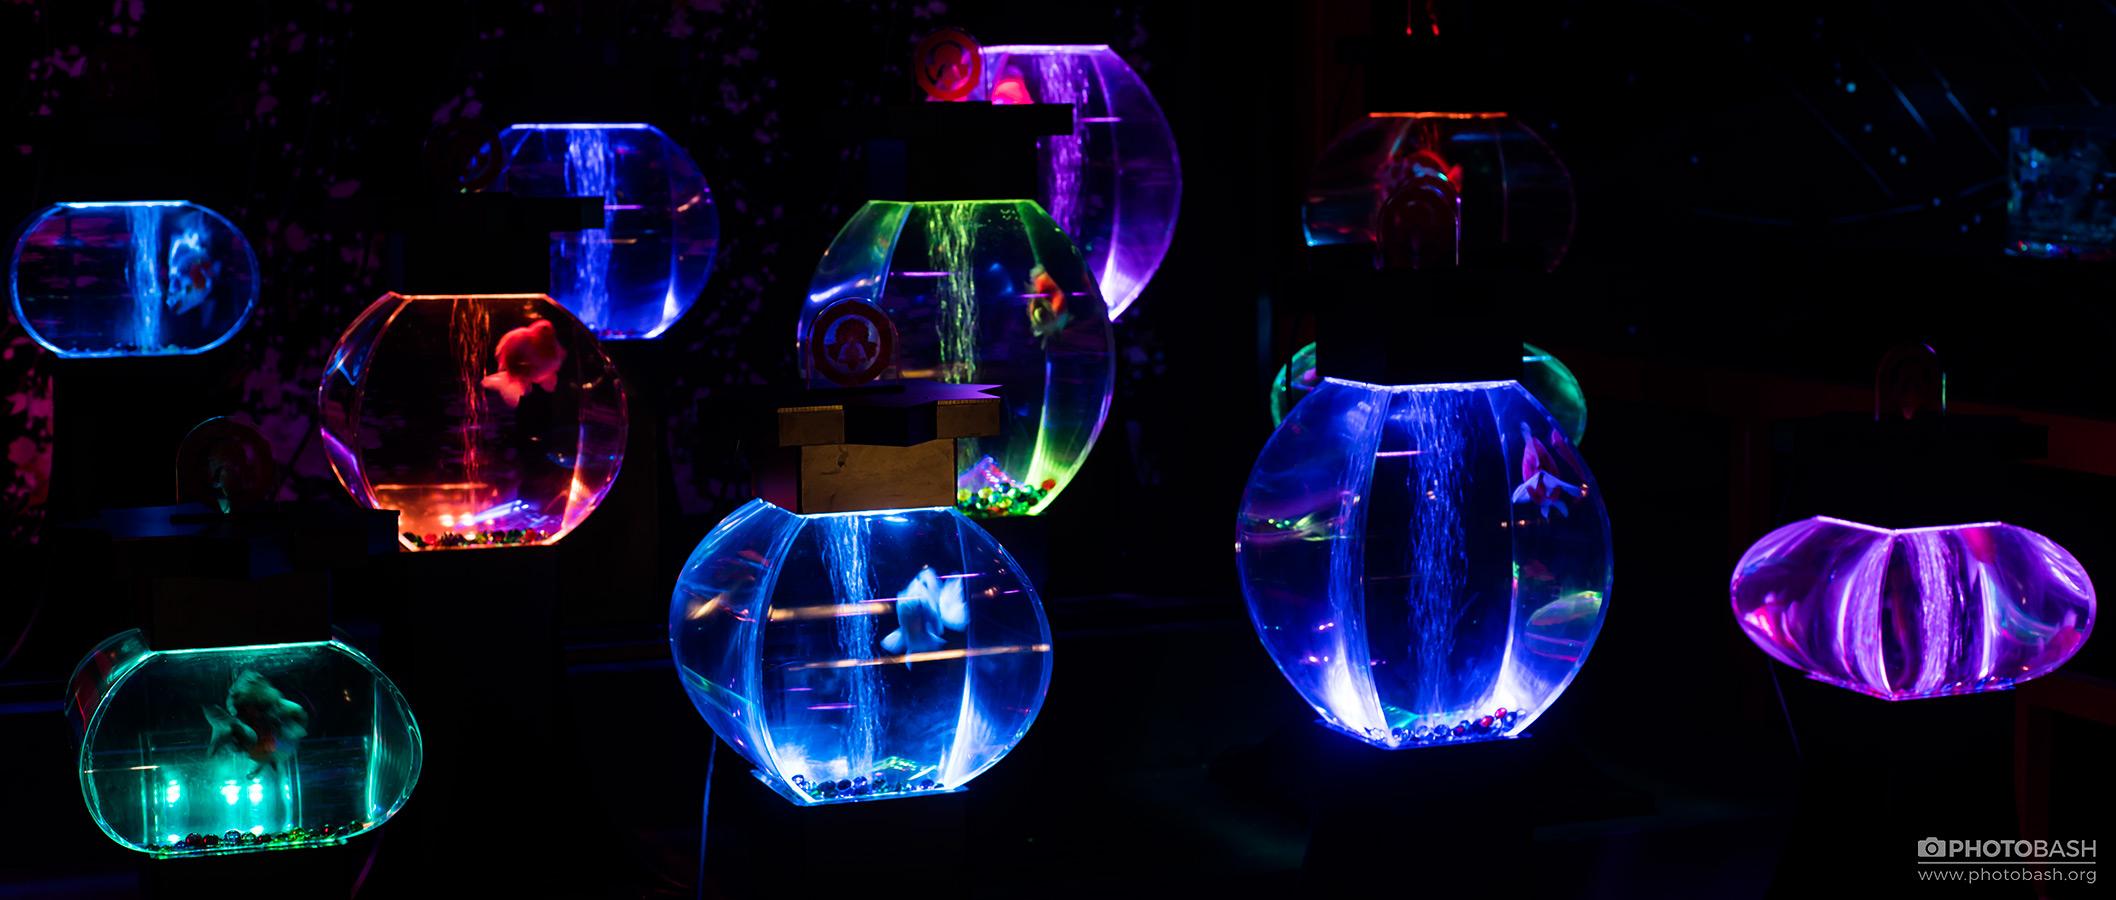 LED-Illumination-Magic-Aquarium.jpg